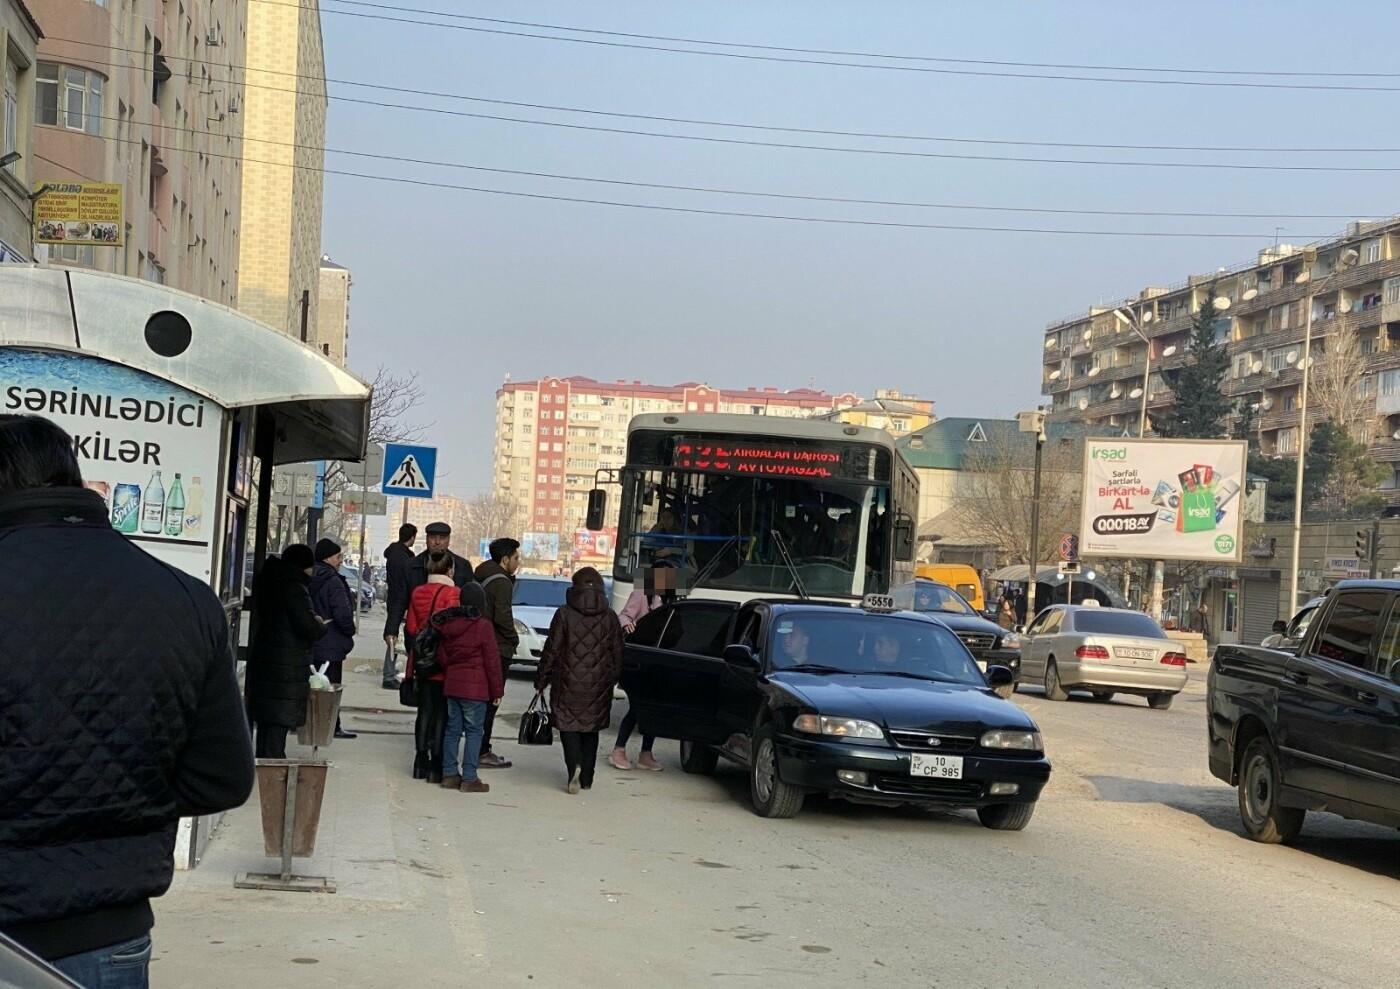 """Tıxac, sıxlıq, təhlükə: """"Manatlıq taksi"""" problemi nə vaxt həll olunacaq? - FOTO + VİDEO, fotoşəkil-1"""